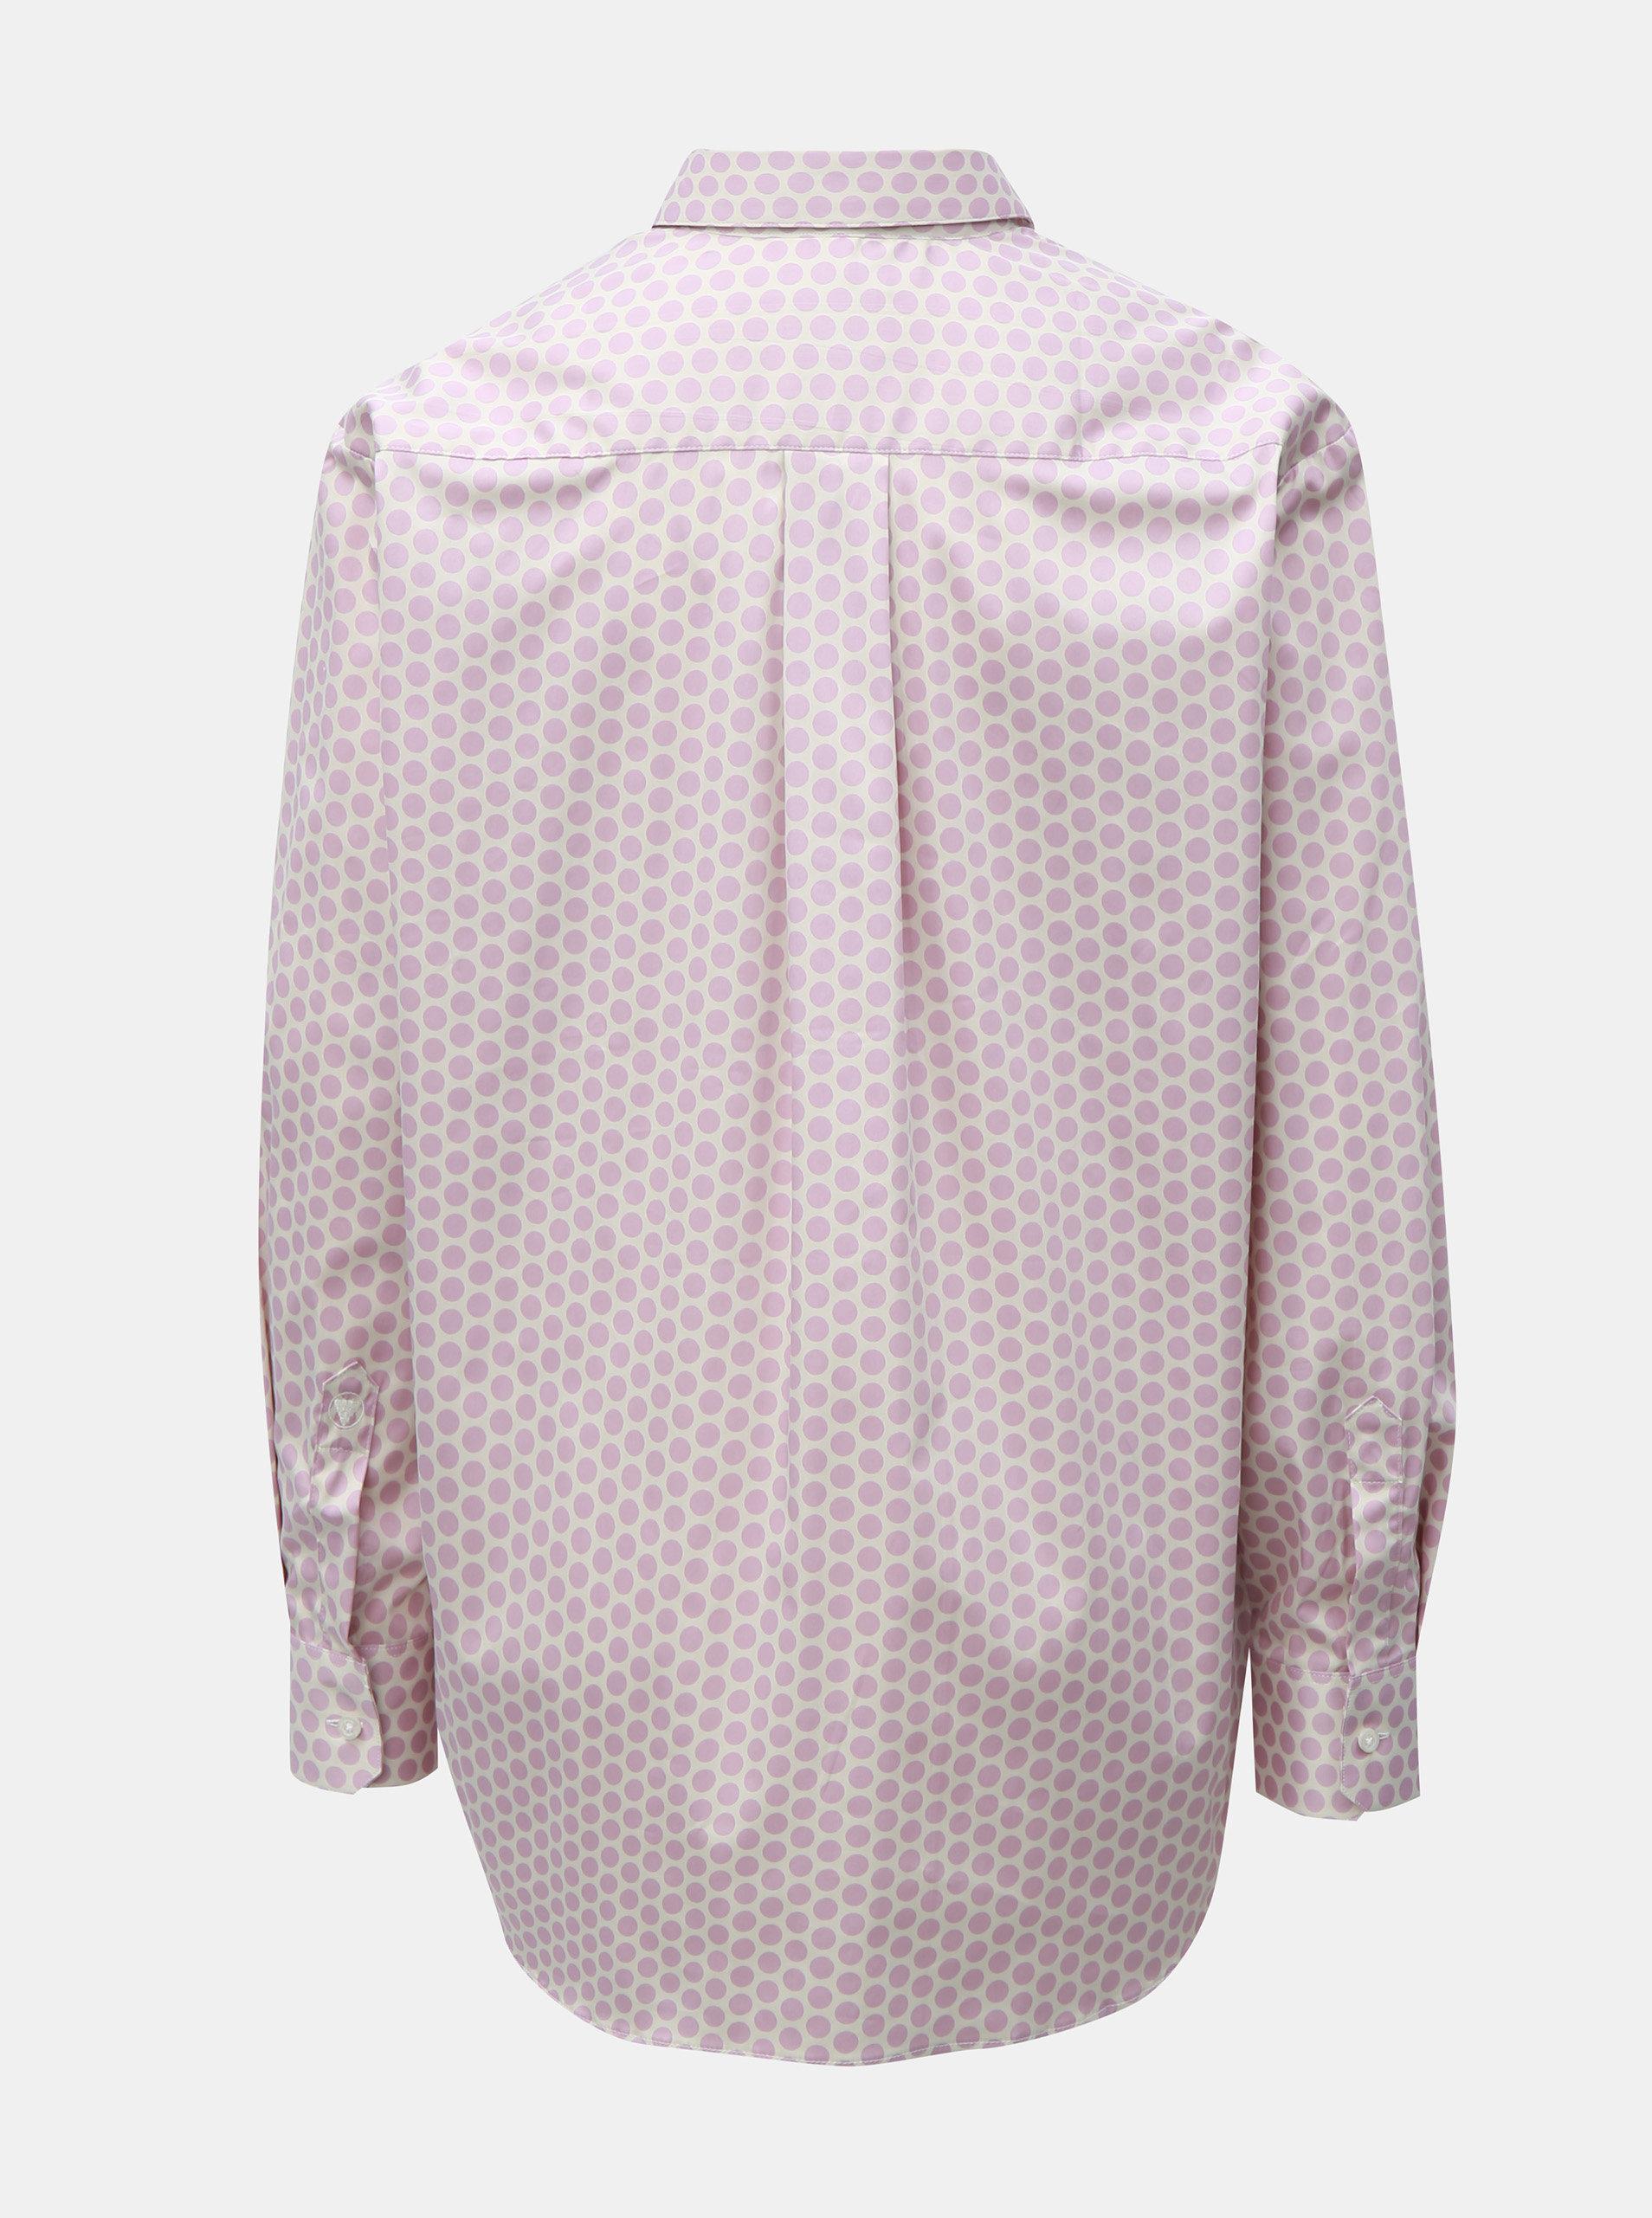 20c3caa76419 Krémovo-ružová bodkovaná voľná košeľa VAVI ...